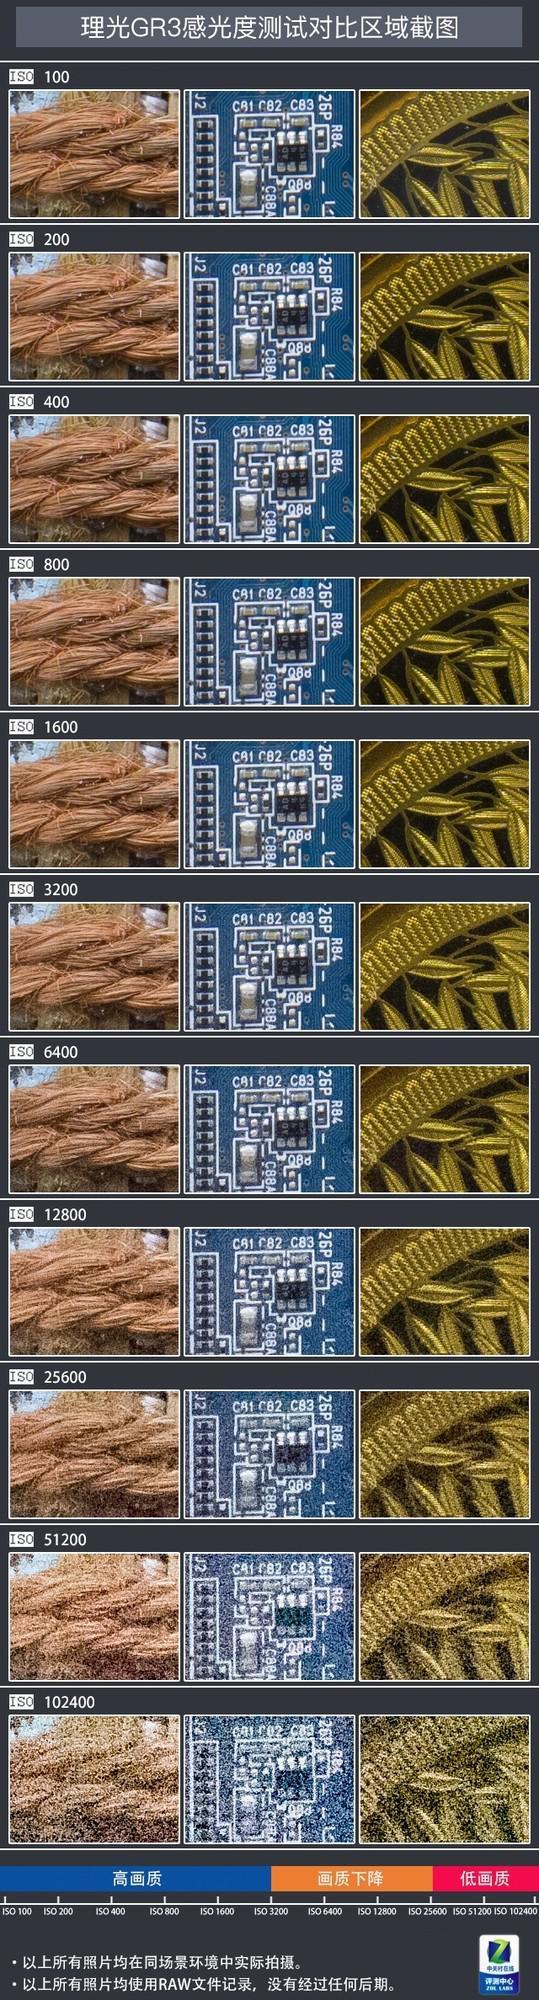 理光GR3控噪能力测试